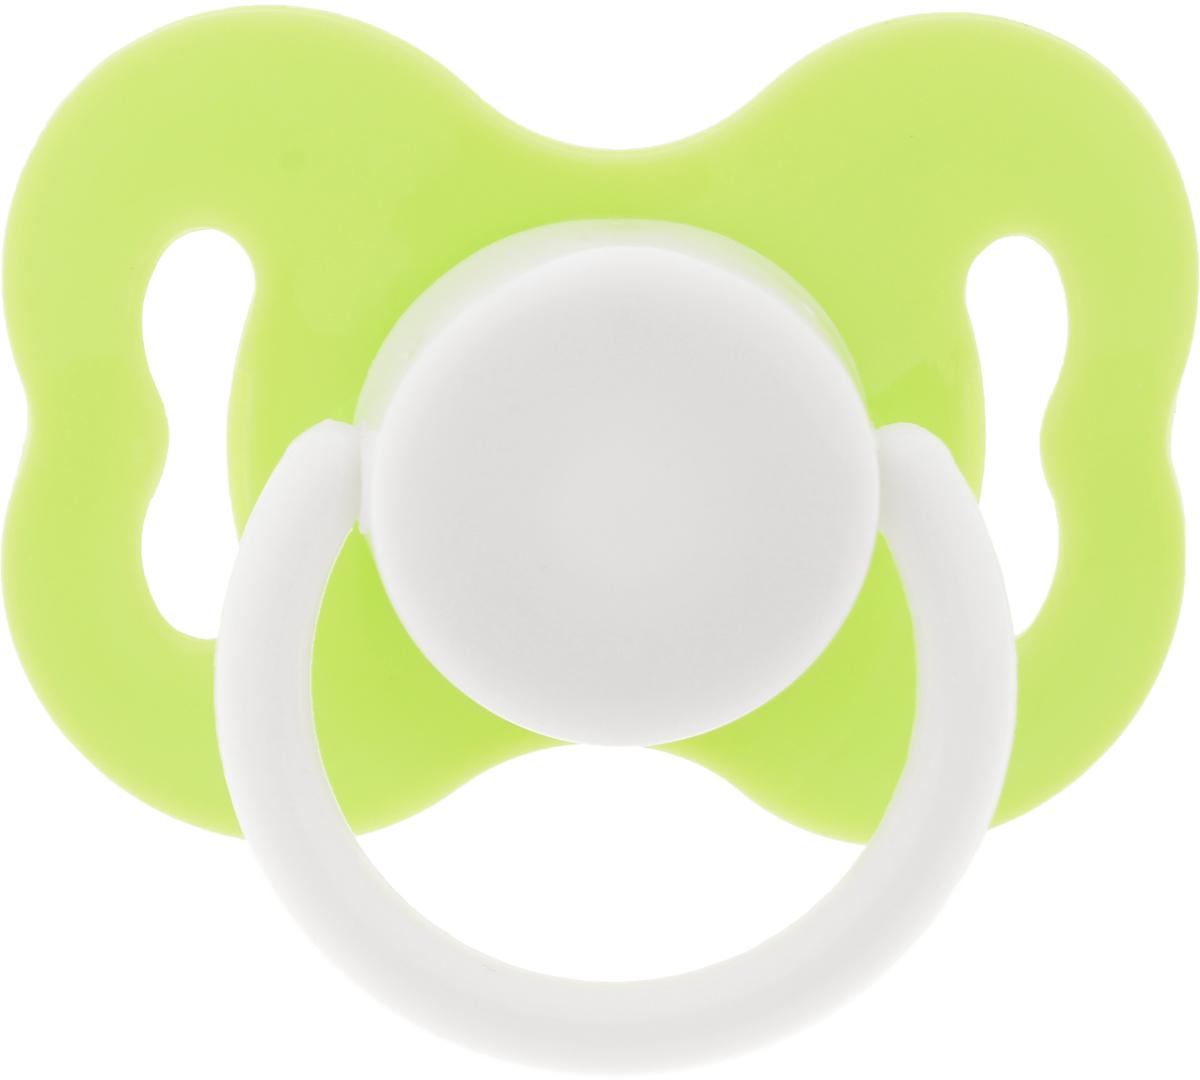 Lubby Пустышка латексная Круглая от 3 месяцев цвет салатовый